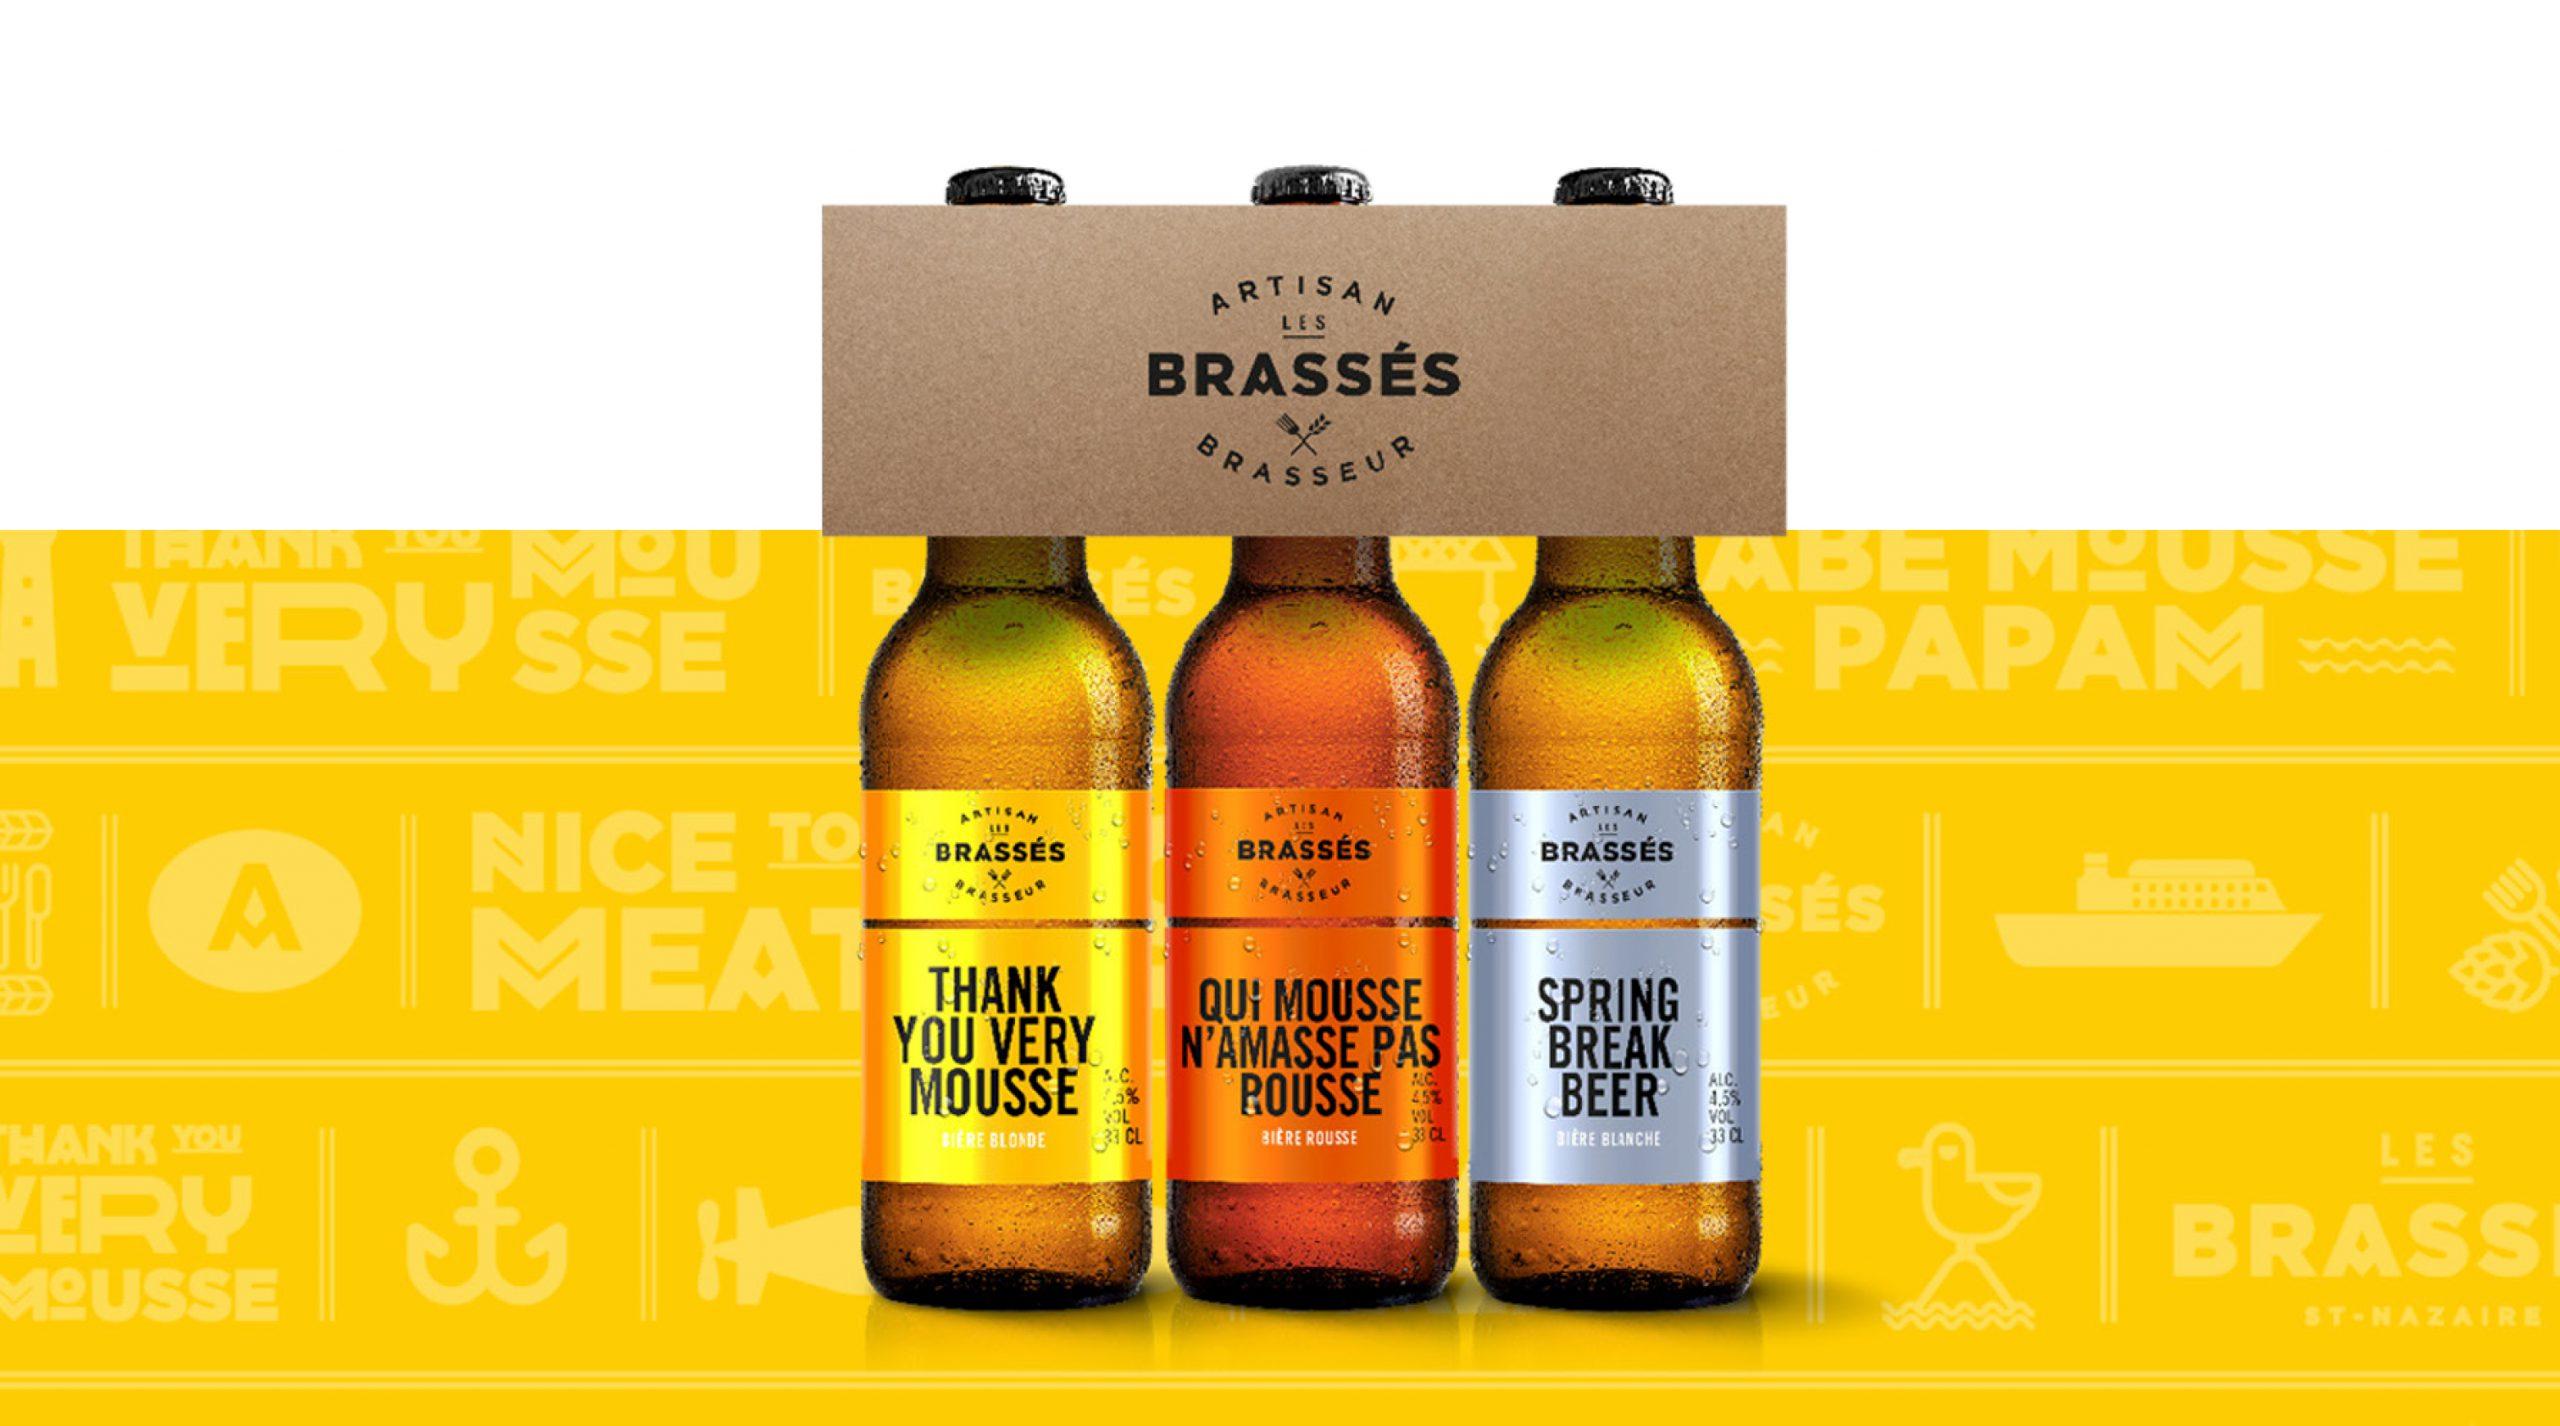 Les brassés visuel bière